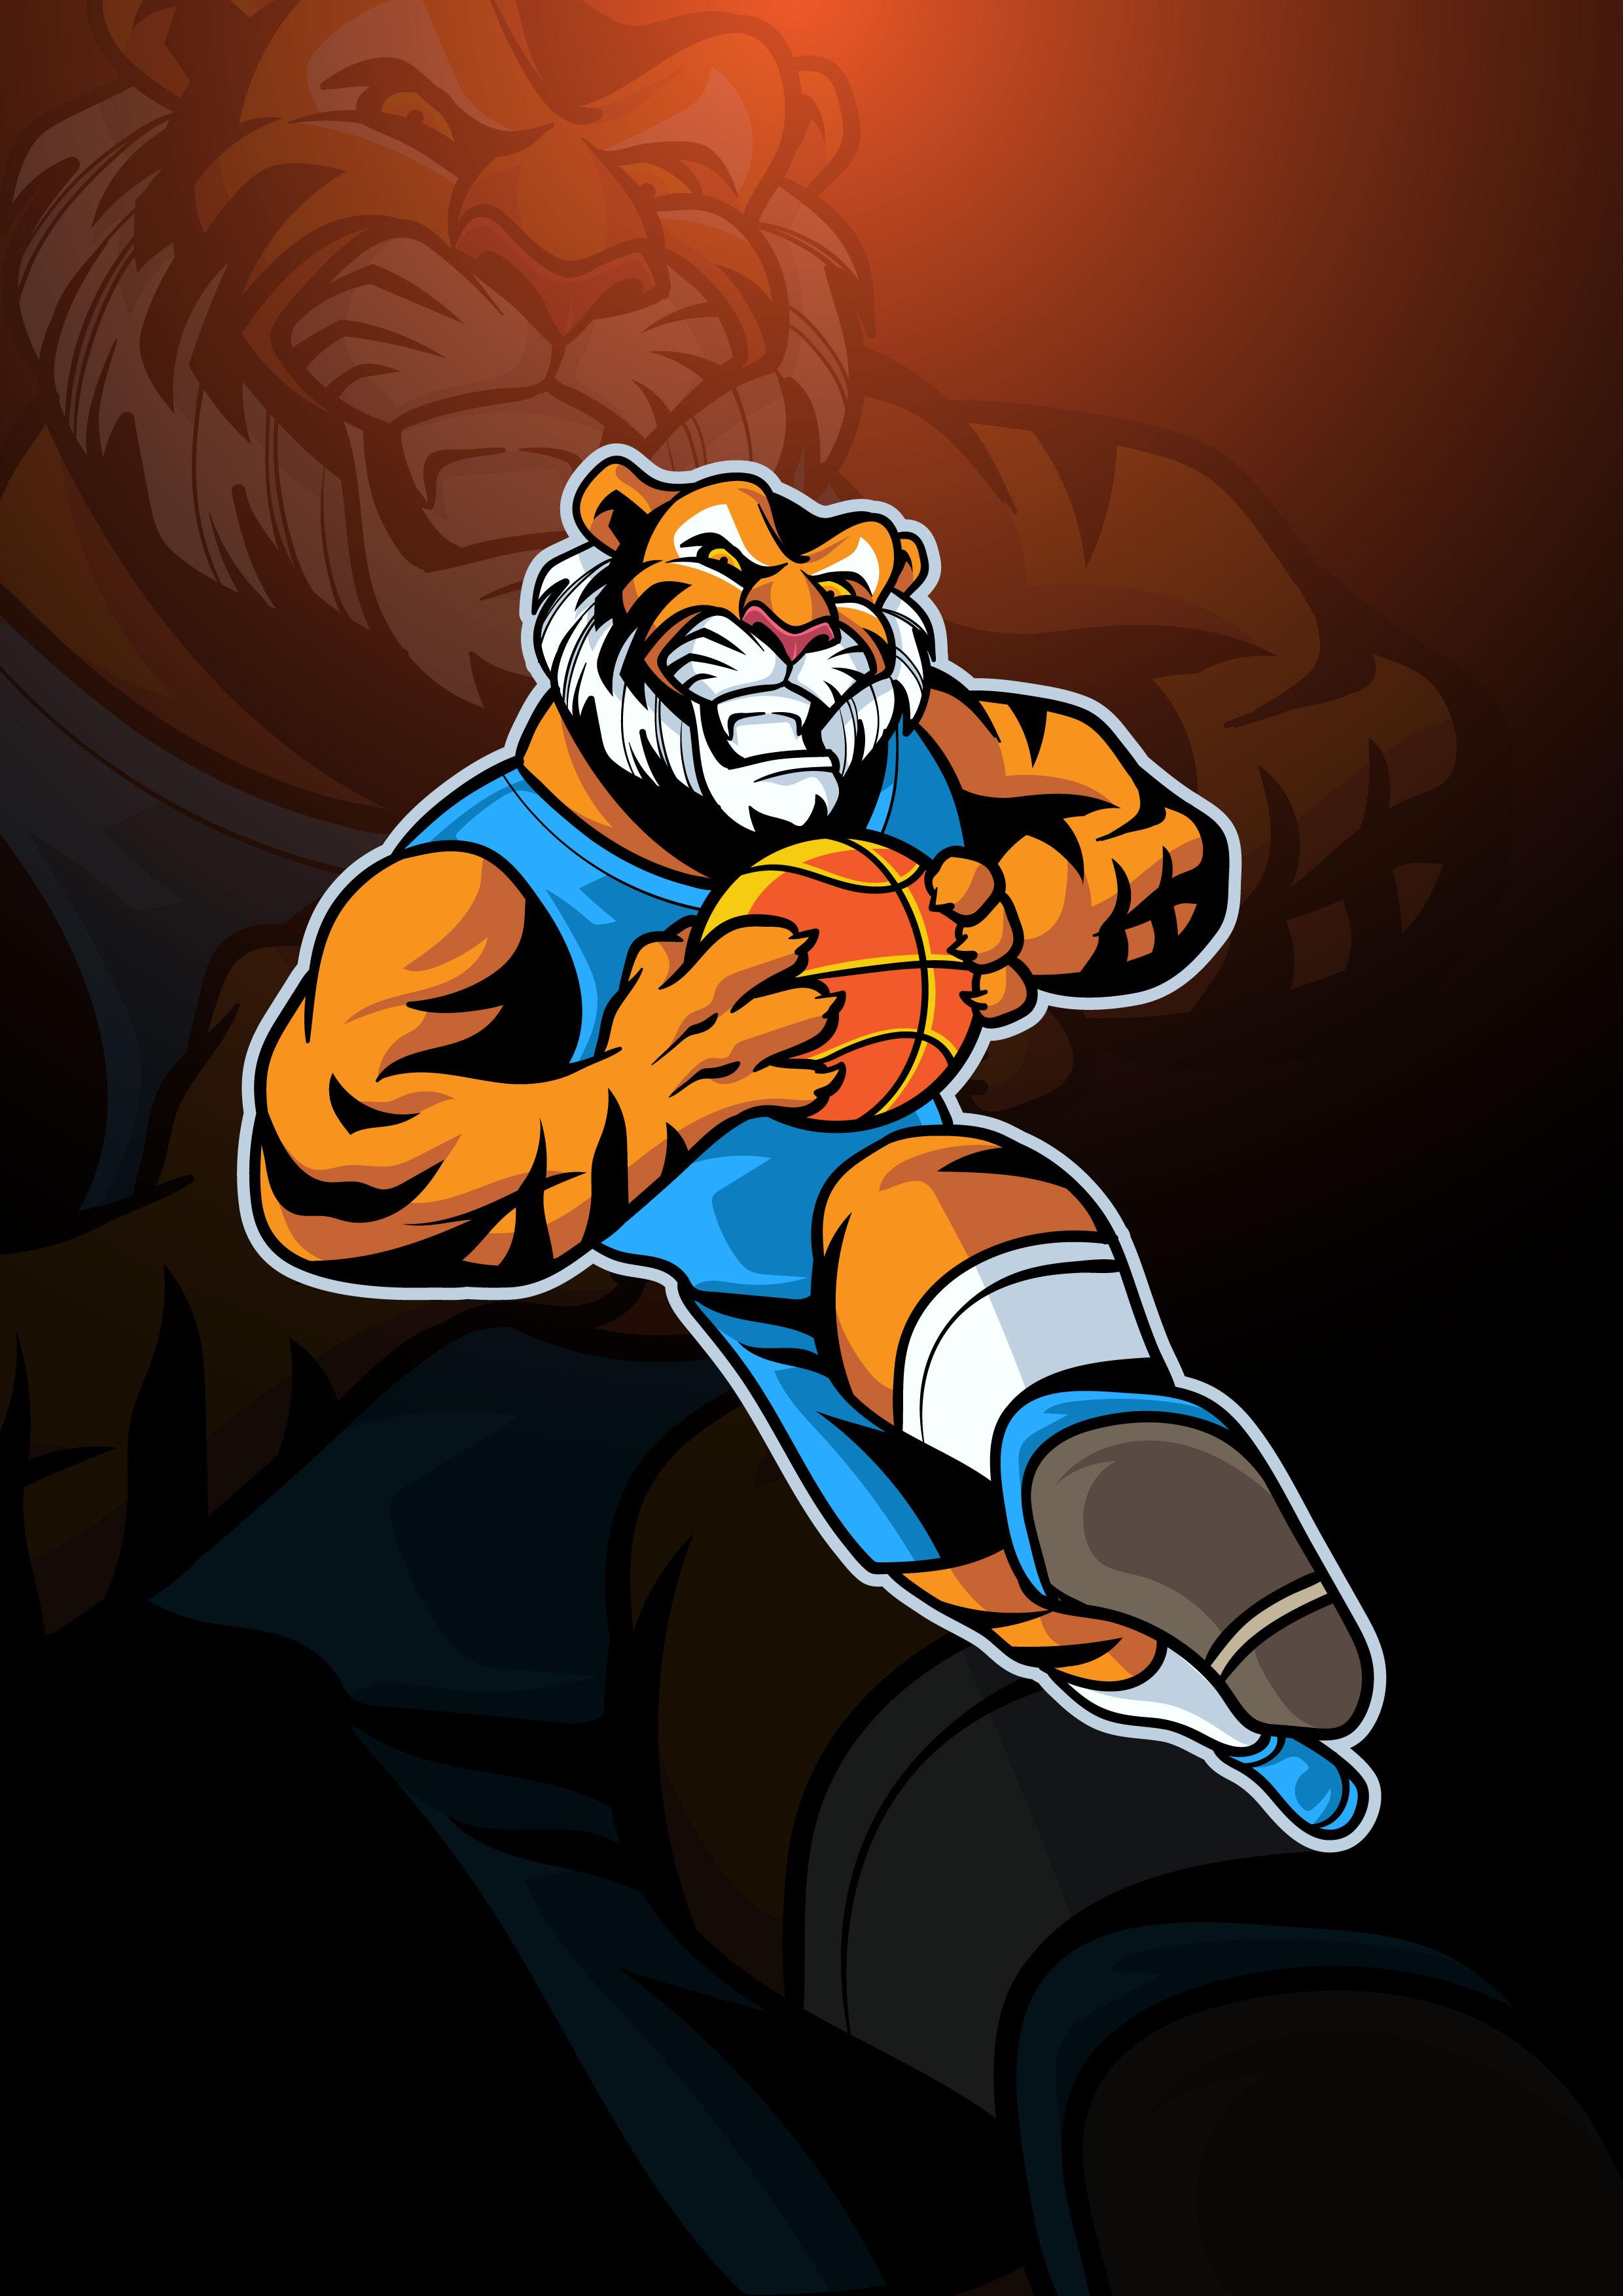 tiger basketball mascot logo download free vectors clipart graphics vector art https www vecteezy com vector art 252442 tiger basketball mascot logo